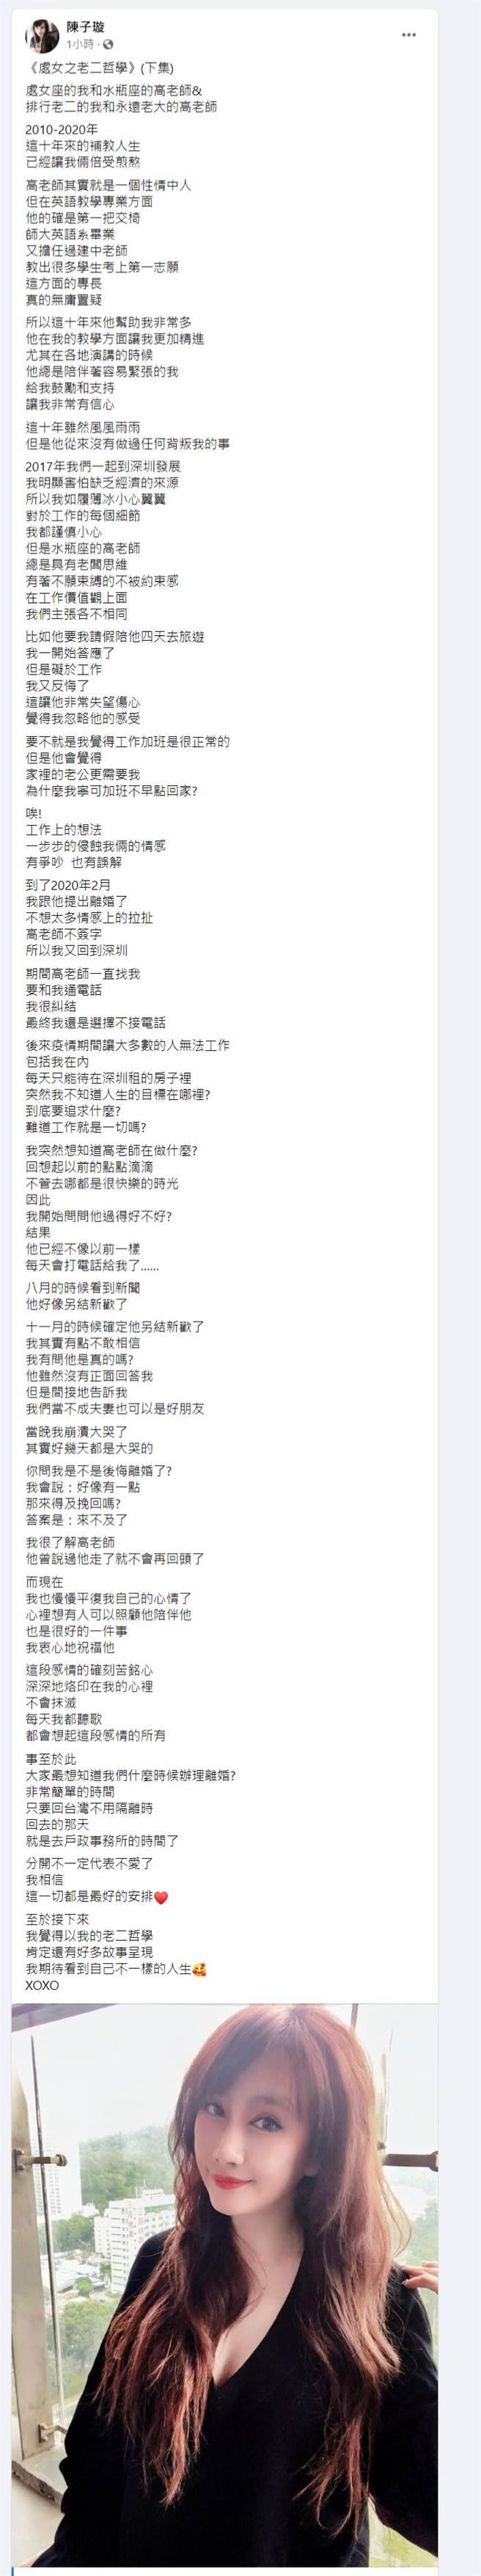 陳子璇臉書全文。(圖/取材自陳子璇臉書)